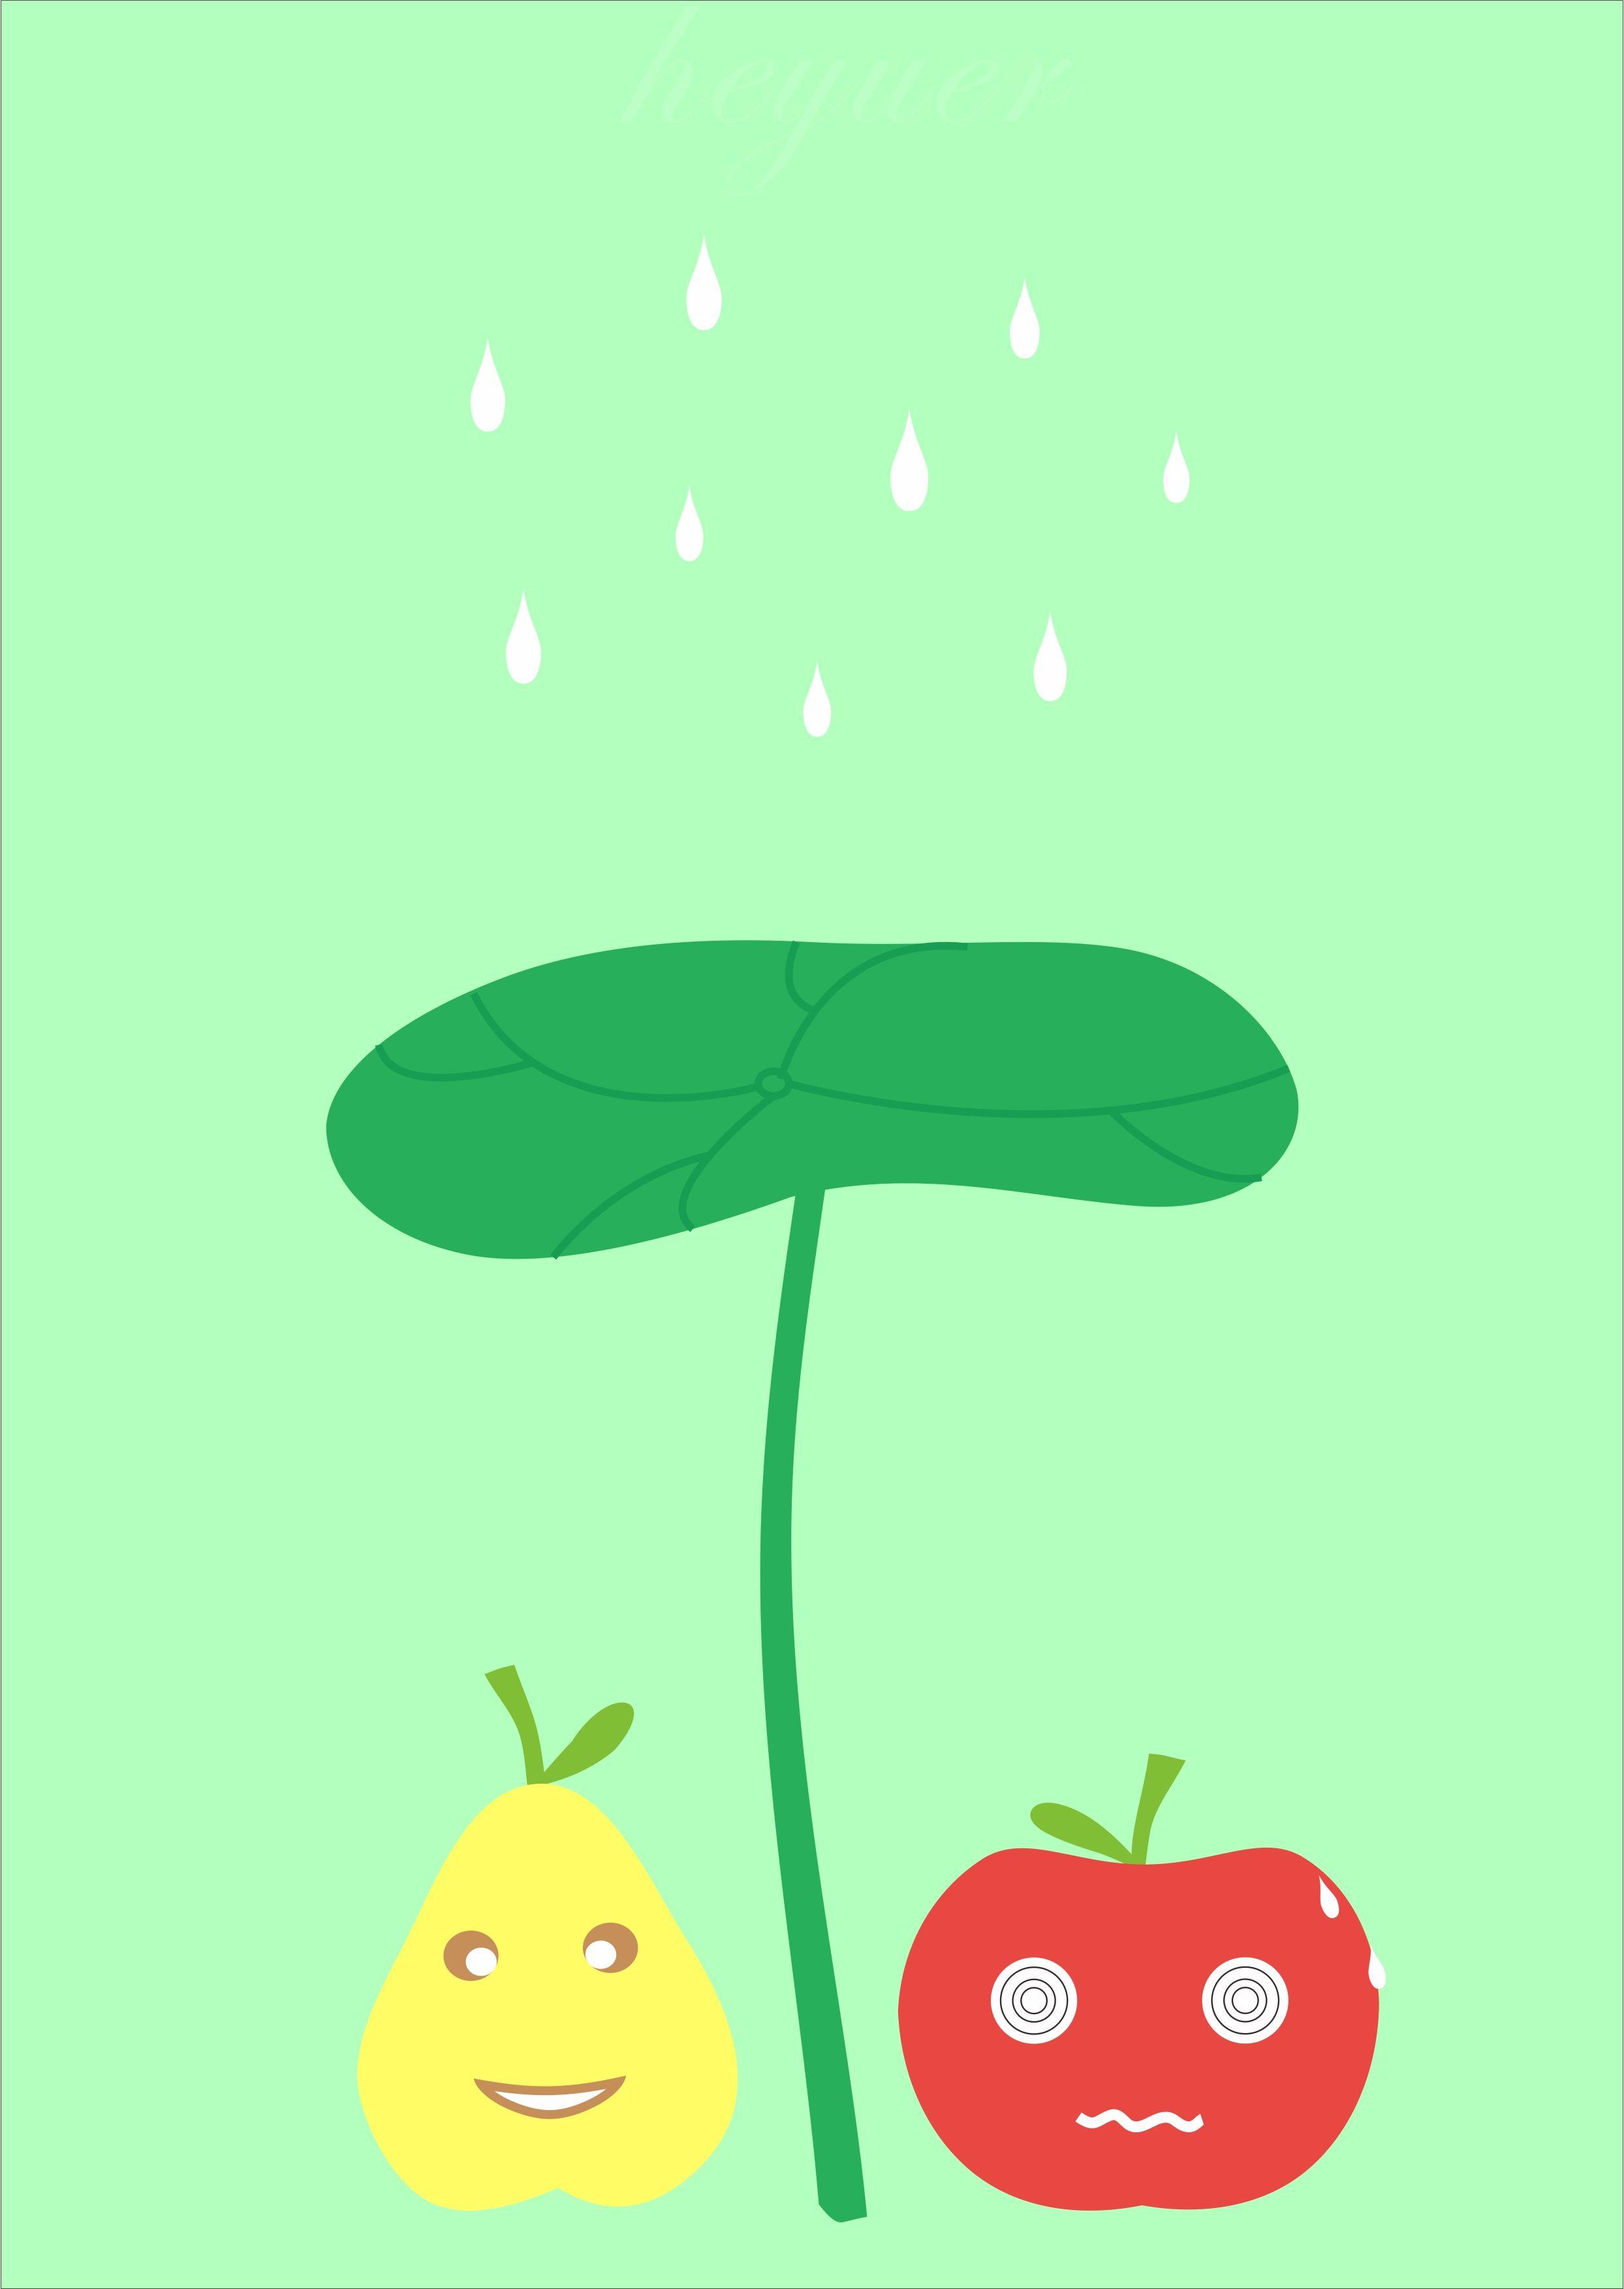 可爱水果插画